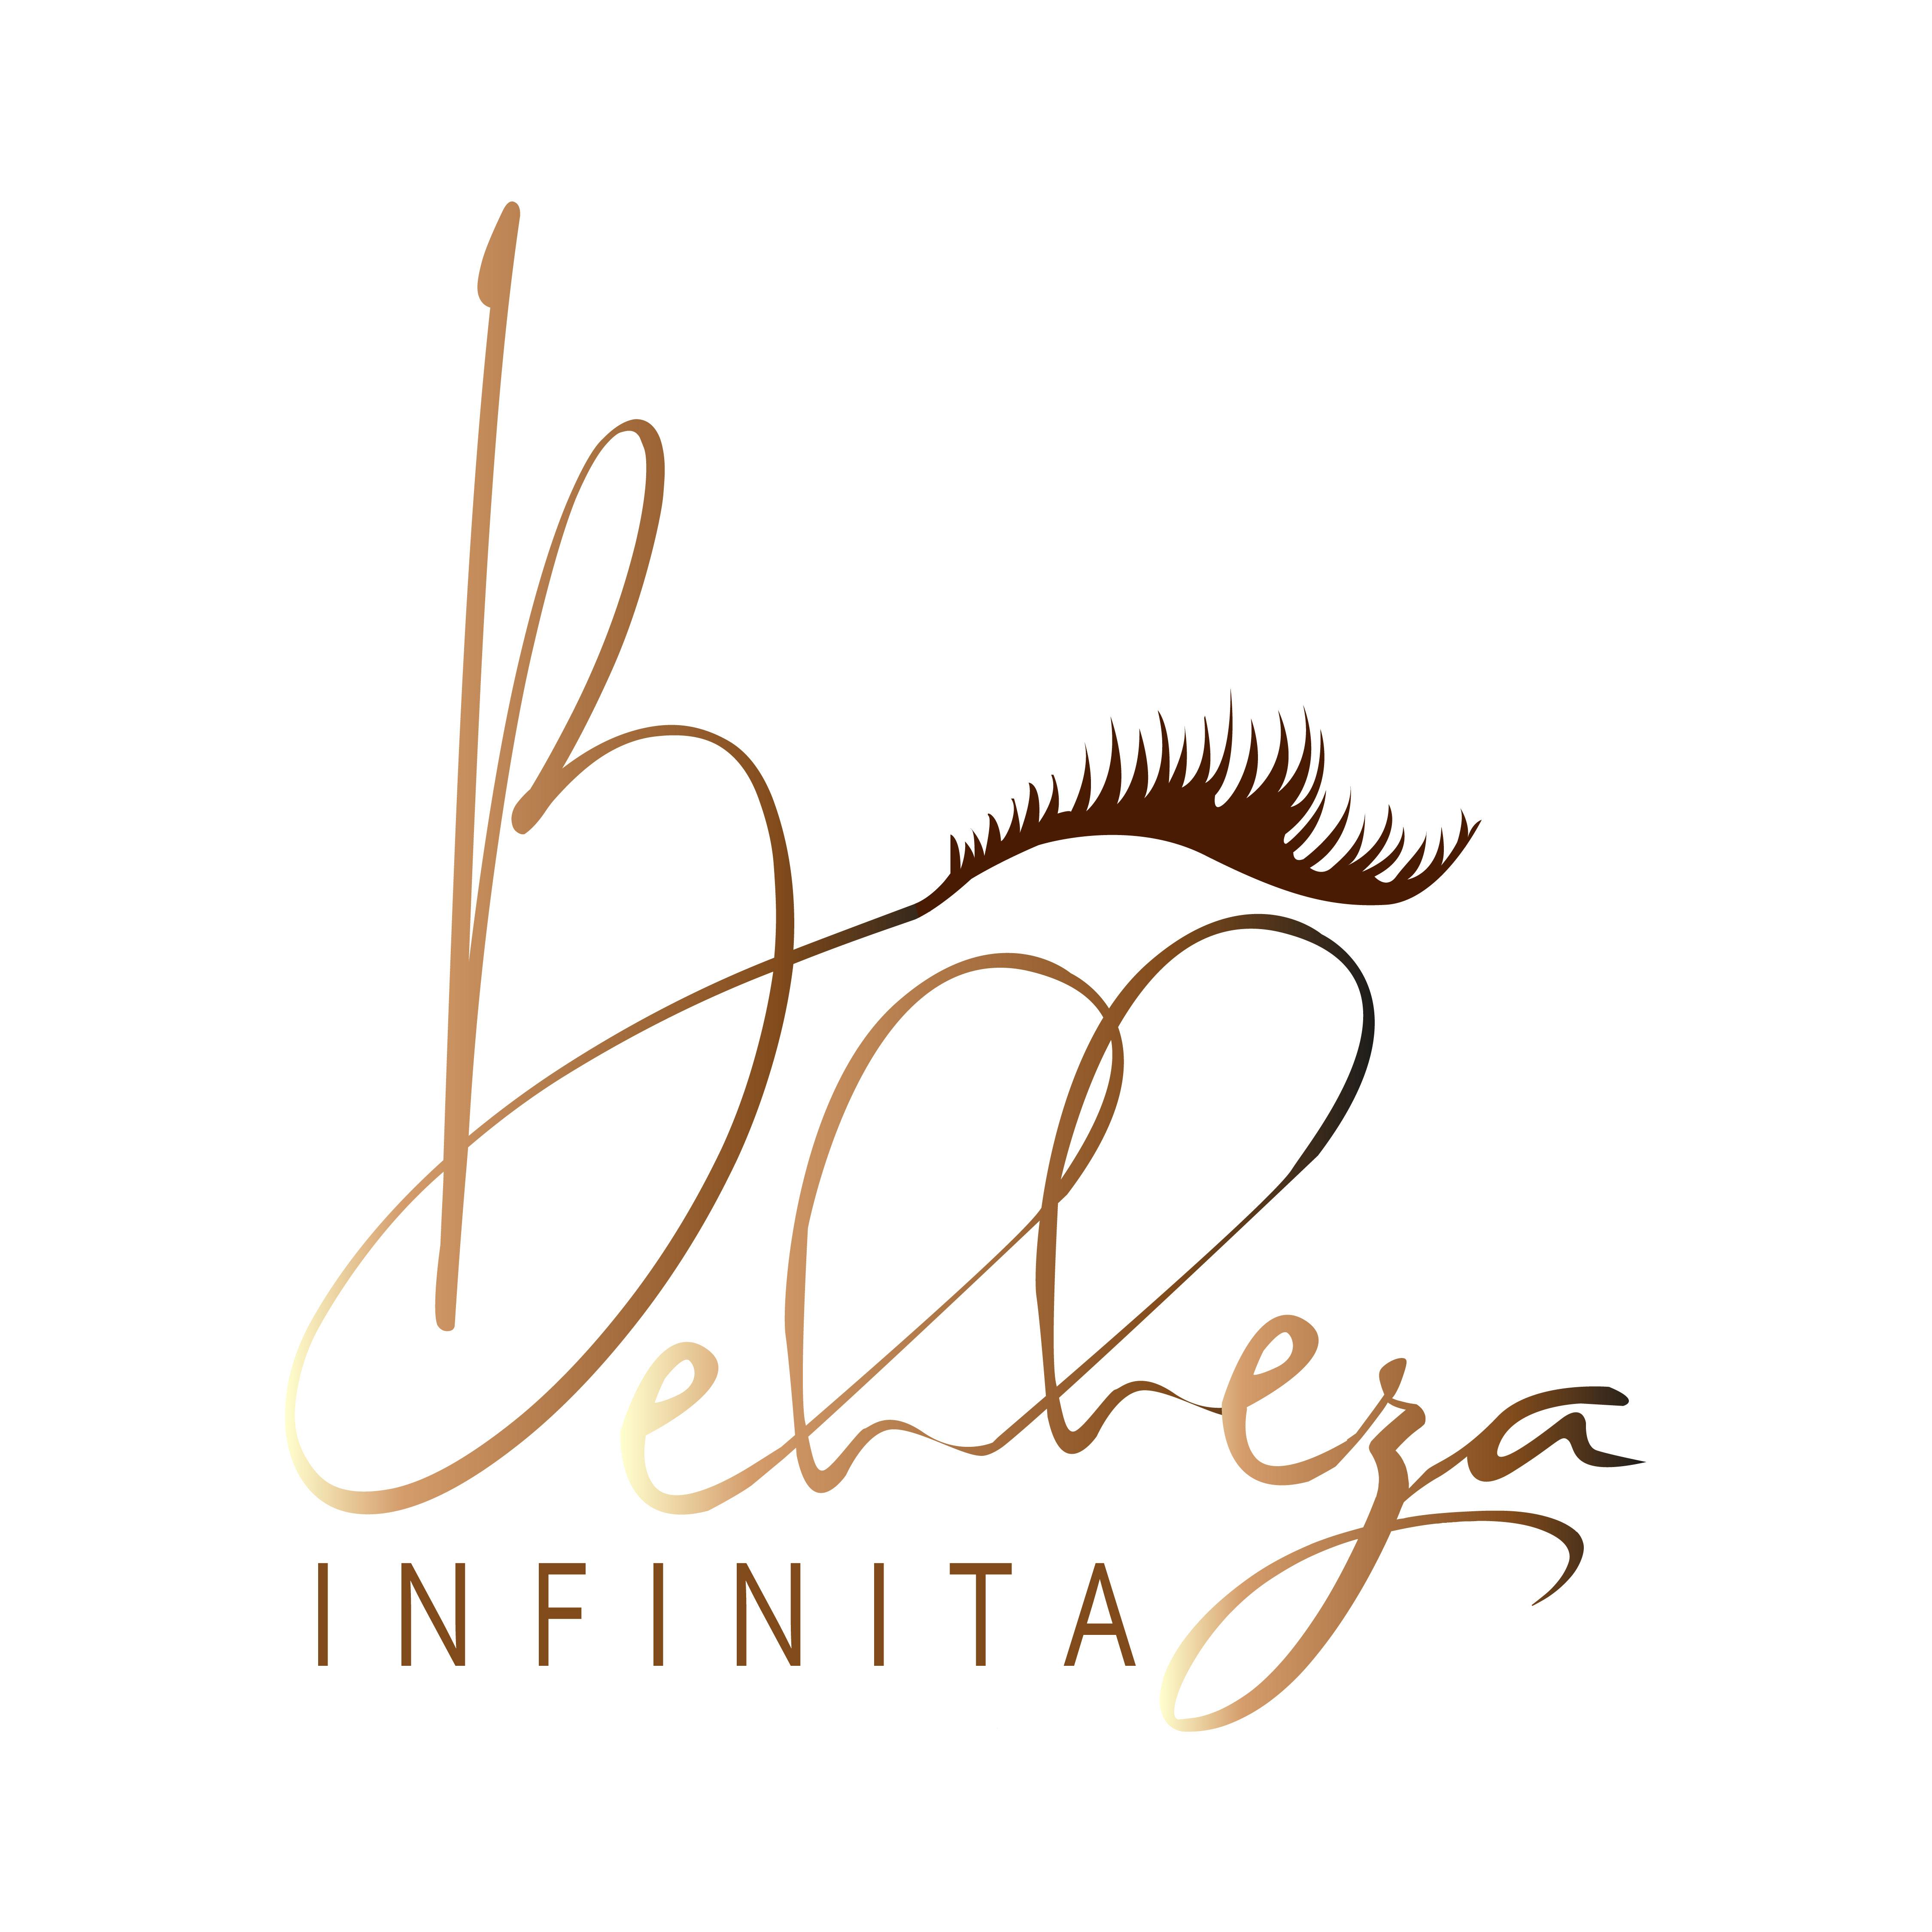 Belleza Infinita